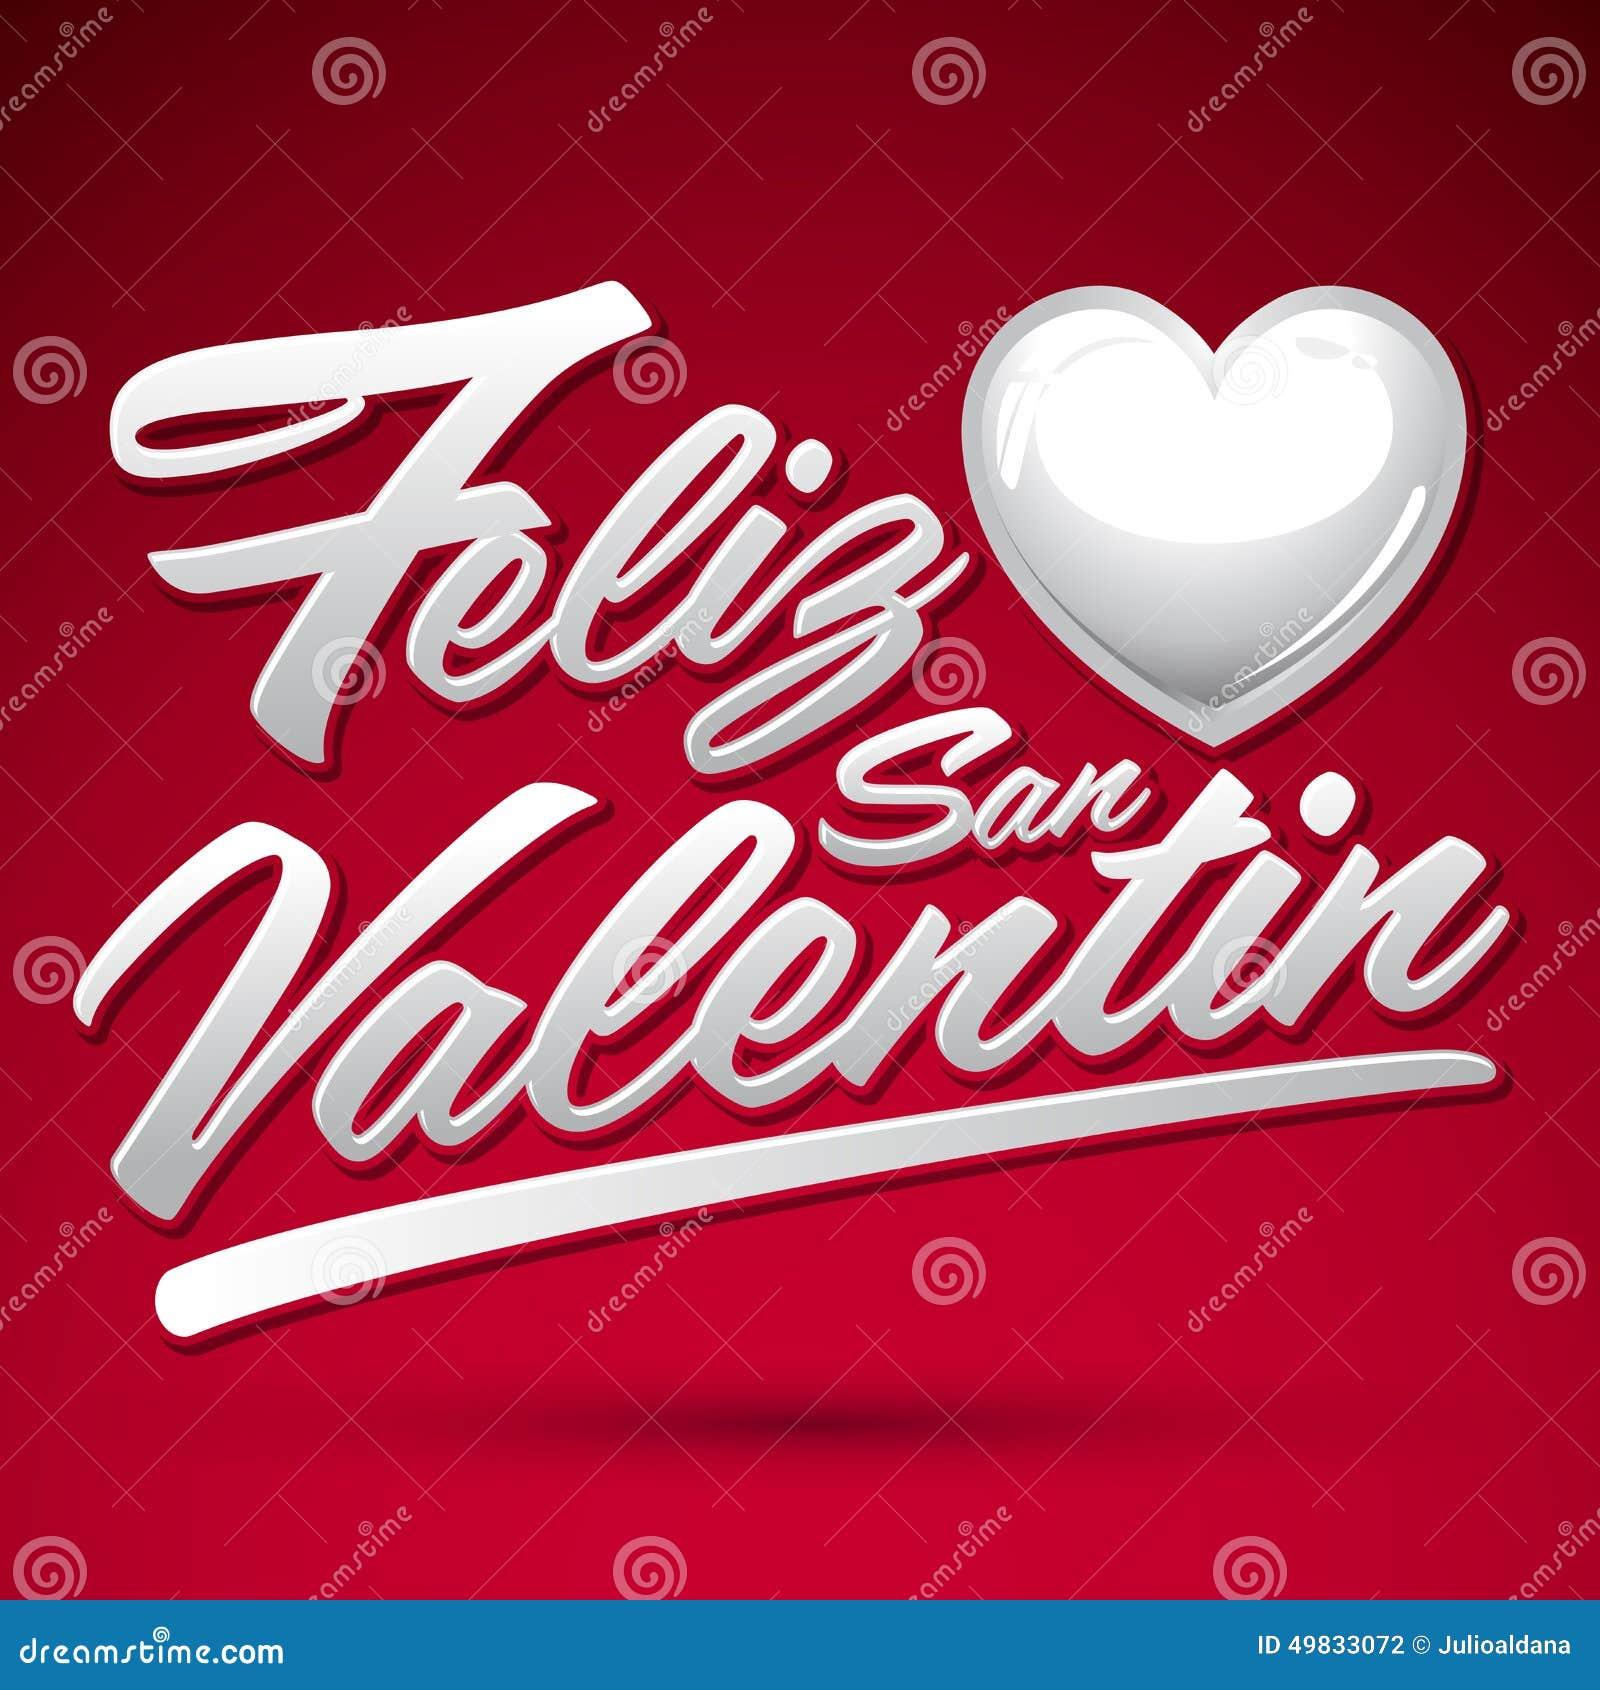 Feliz San Valentin - Gelukkige Valentijnskaarten Spaanse tekst